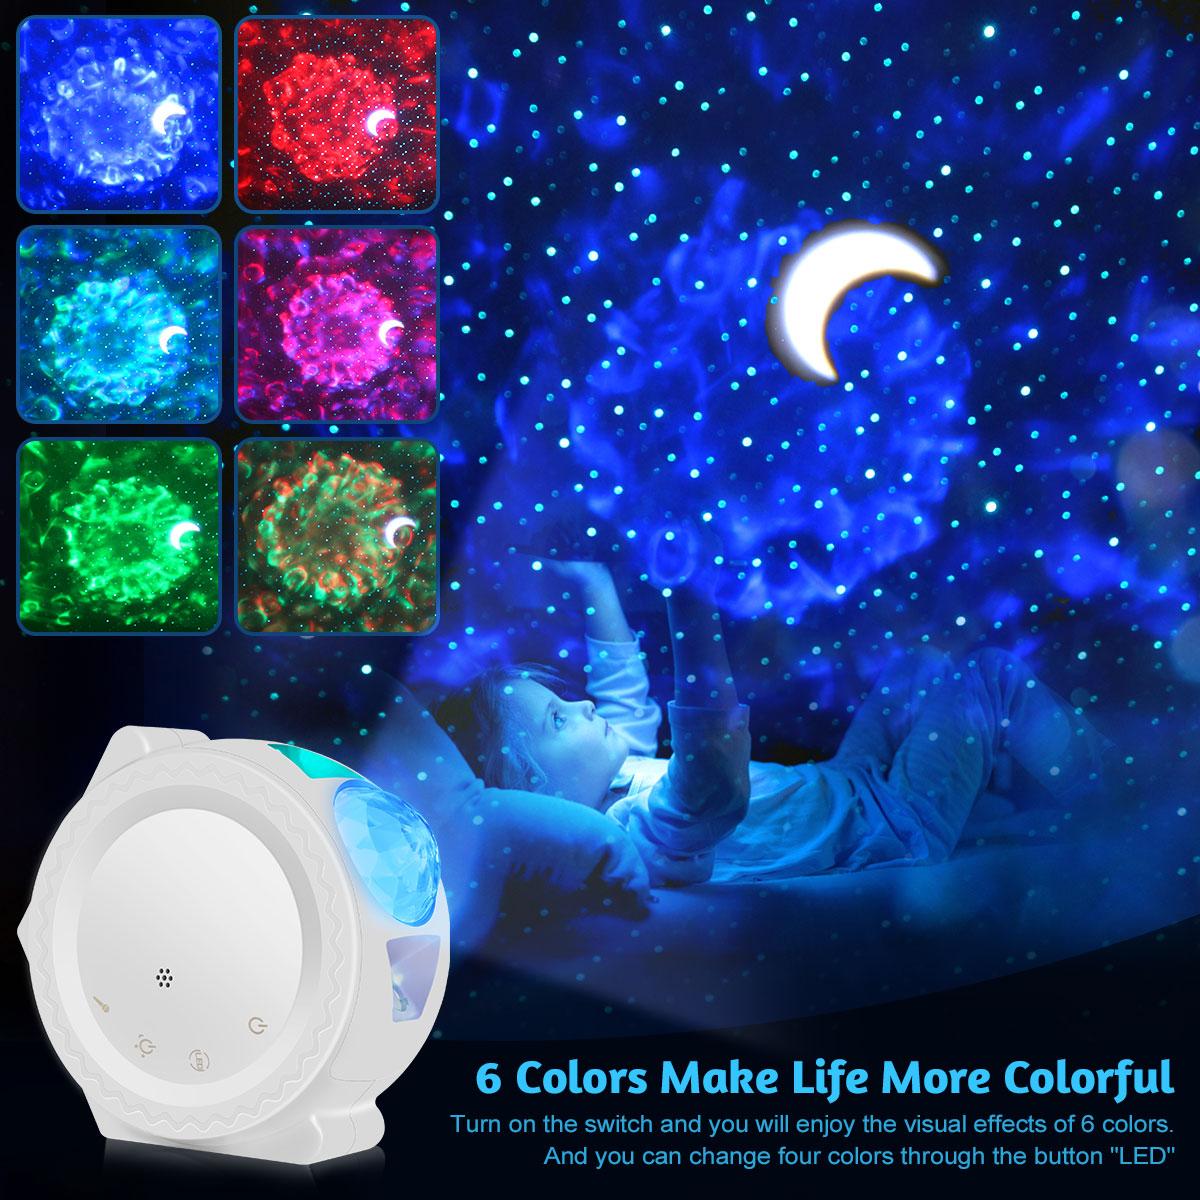 6 Colori Oceano Agitando Luce Stellato Del Cielo Del Proiettore Led Nebula Copertura Luce di Notte 360 Gradi di Rotazione Lampada Della Luce di Notte per bambini da